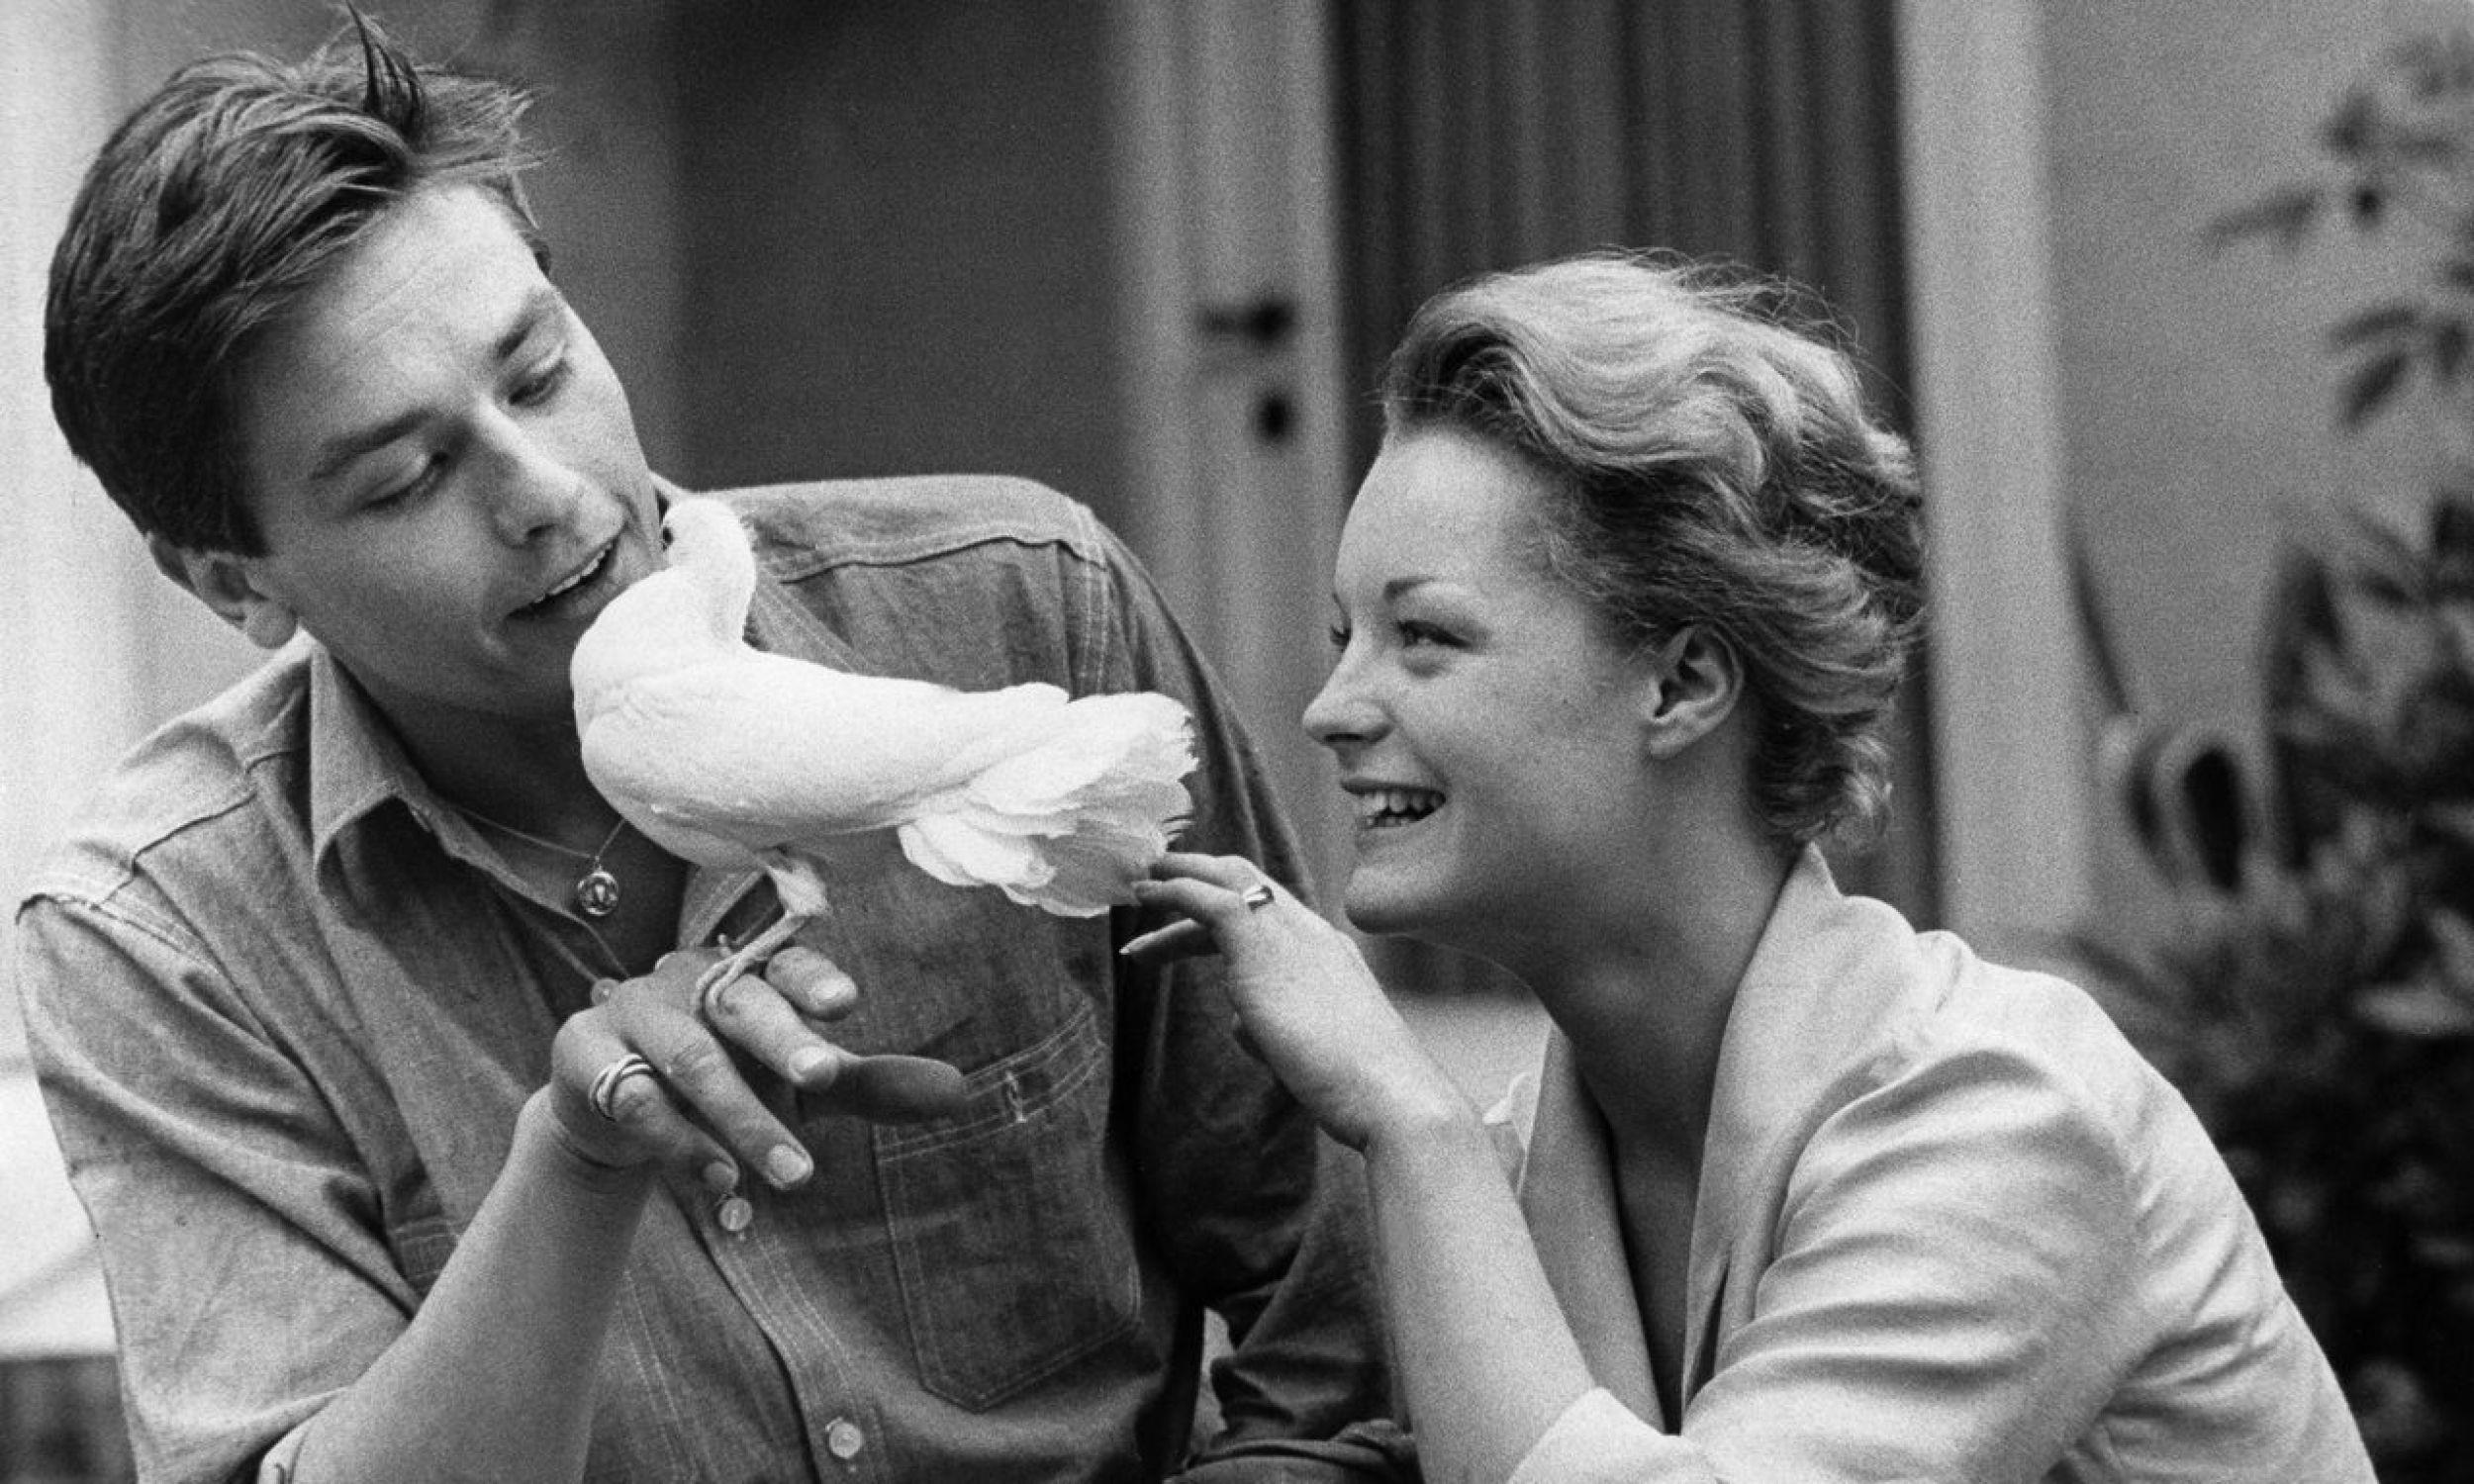 Alain Delon nigdy nie był rodzinny. Nie umiał budować związków. W wywiadach ubolewał, że przegapił dwie największe miłości swego życia i nie poślubił ani Romy Schneider, ani Mireille Darc.  Na zdjęciu Schneider (1938-1982) z Delonem i białym gołębiem – 1961. Fot. Jochen Blume/Ullstein Bild via Getty Images